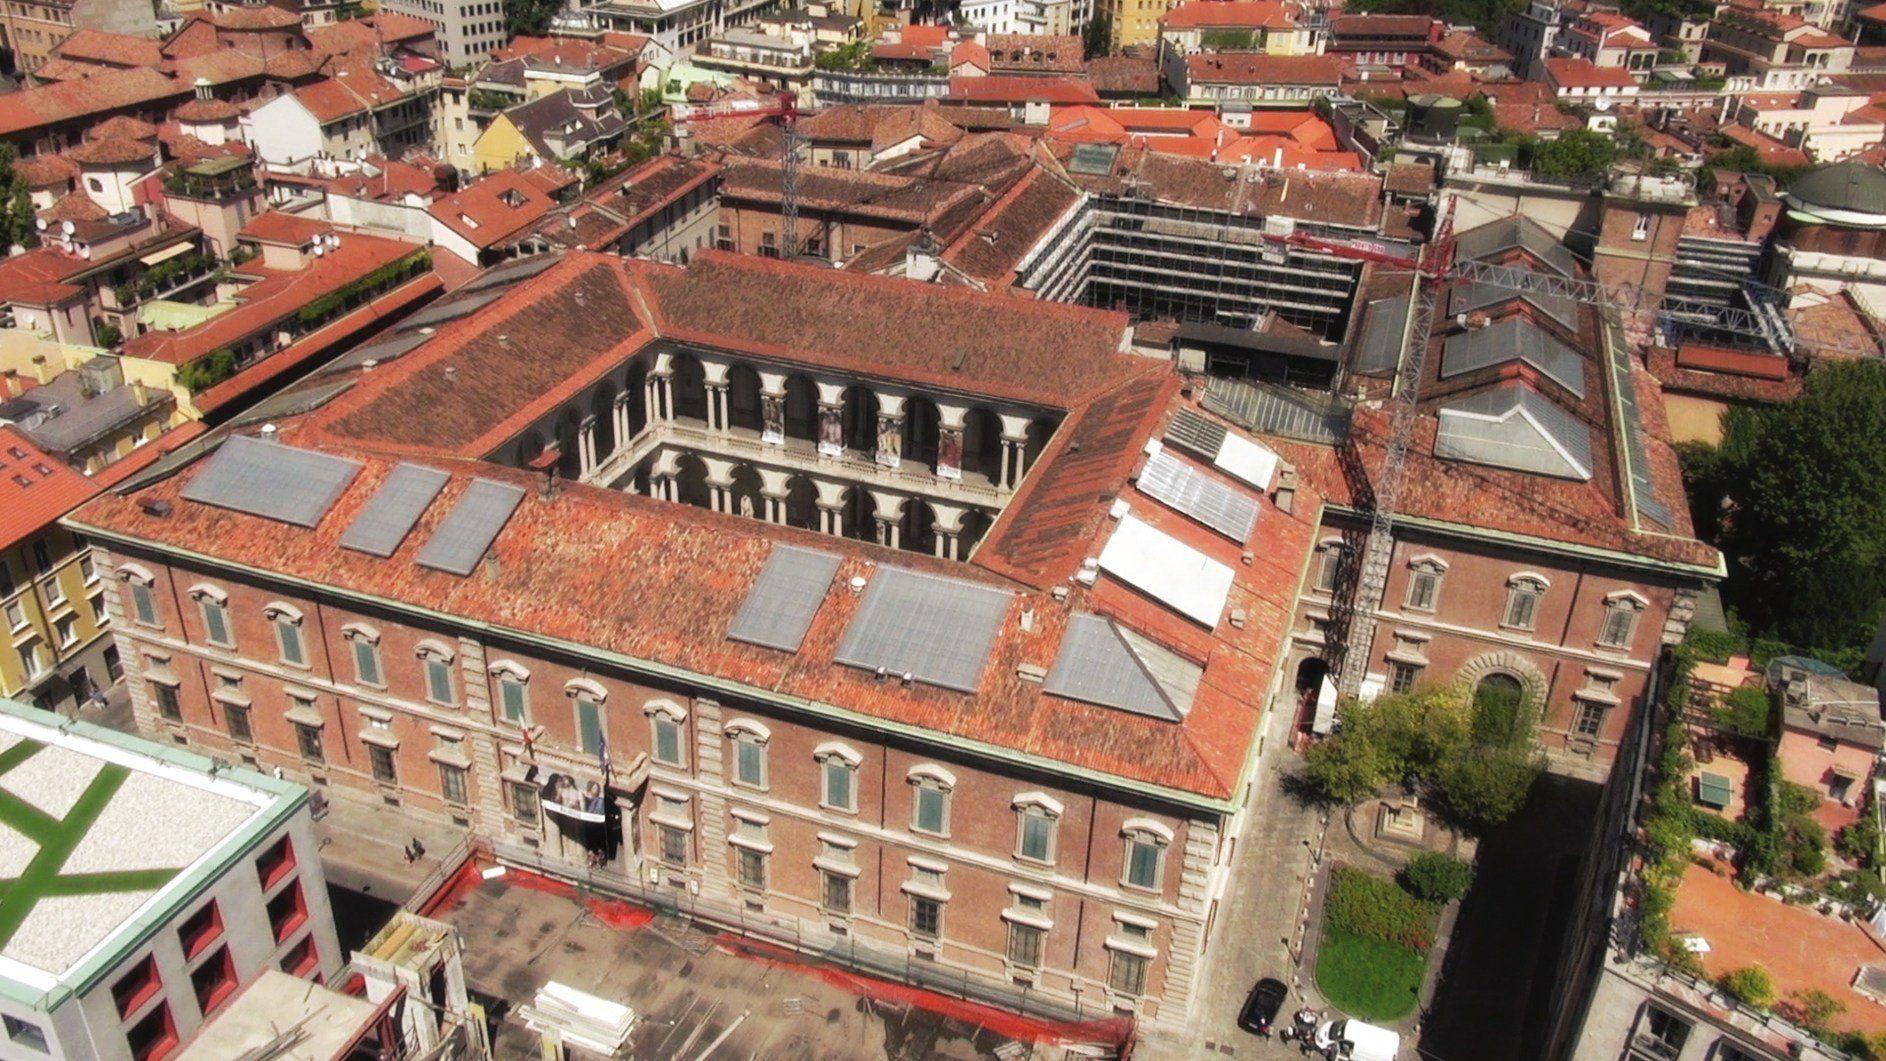 Onduline easyfix per soluzioni di copertura innovative e - Architetto roma interni ...